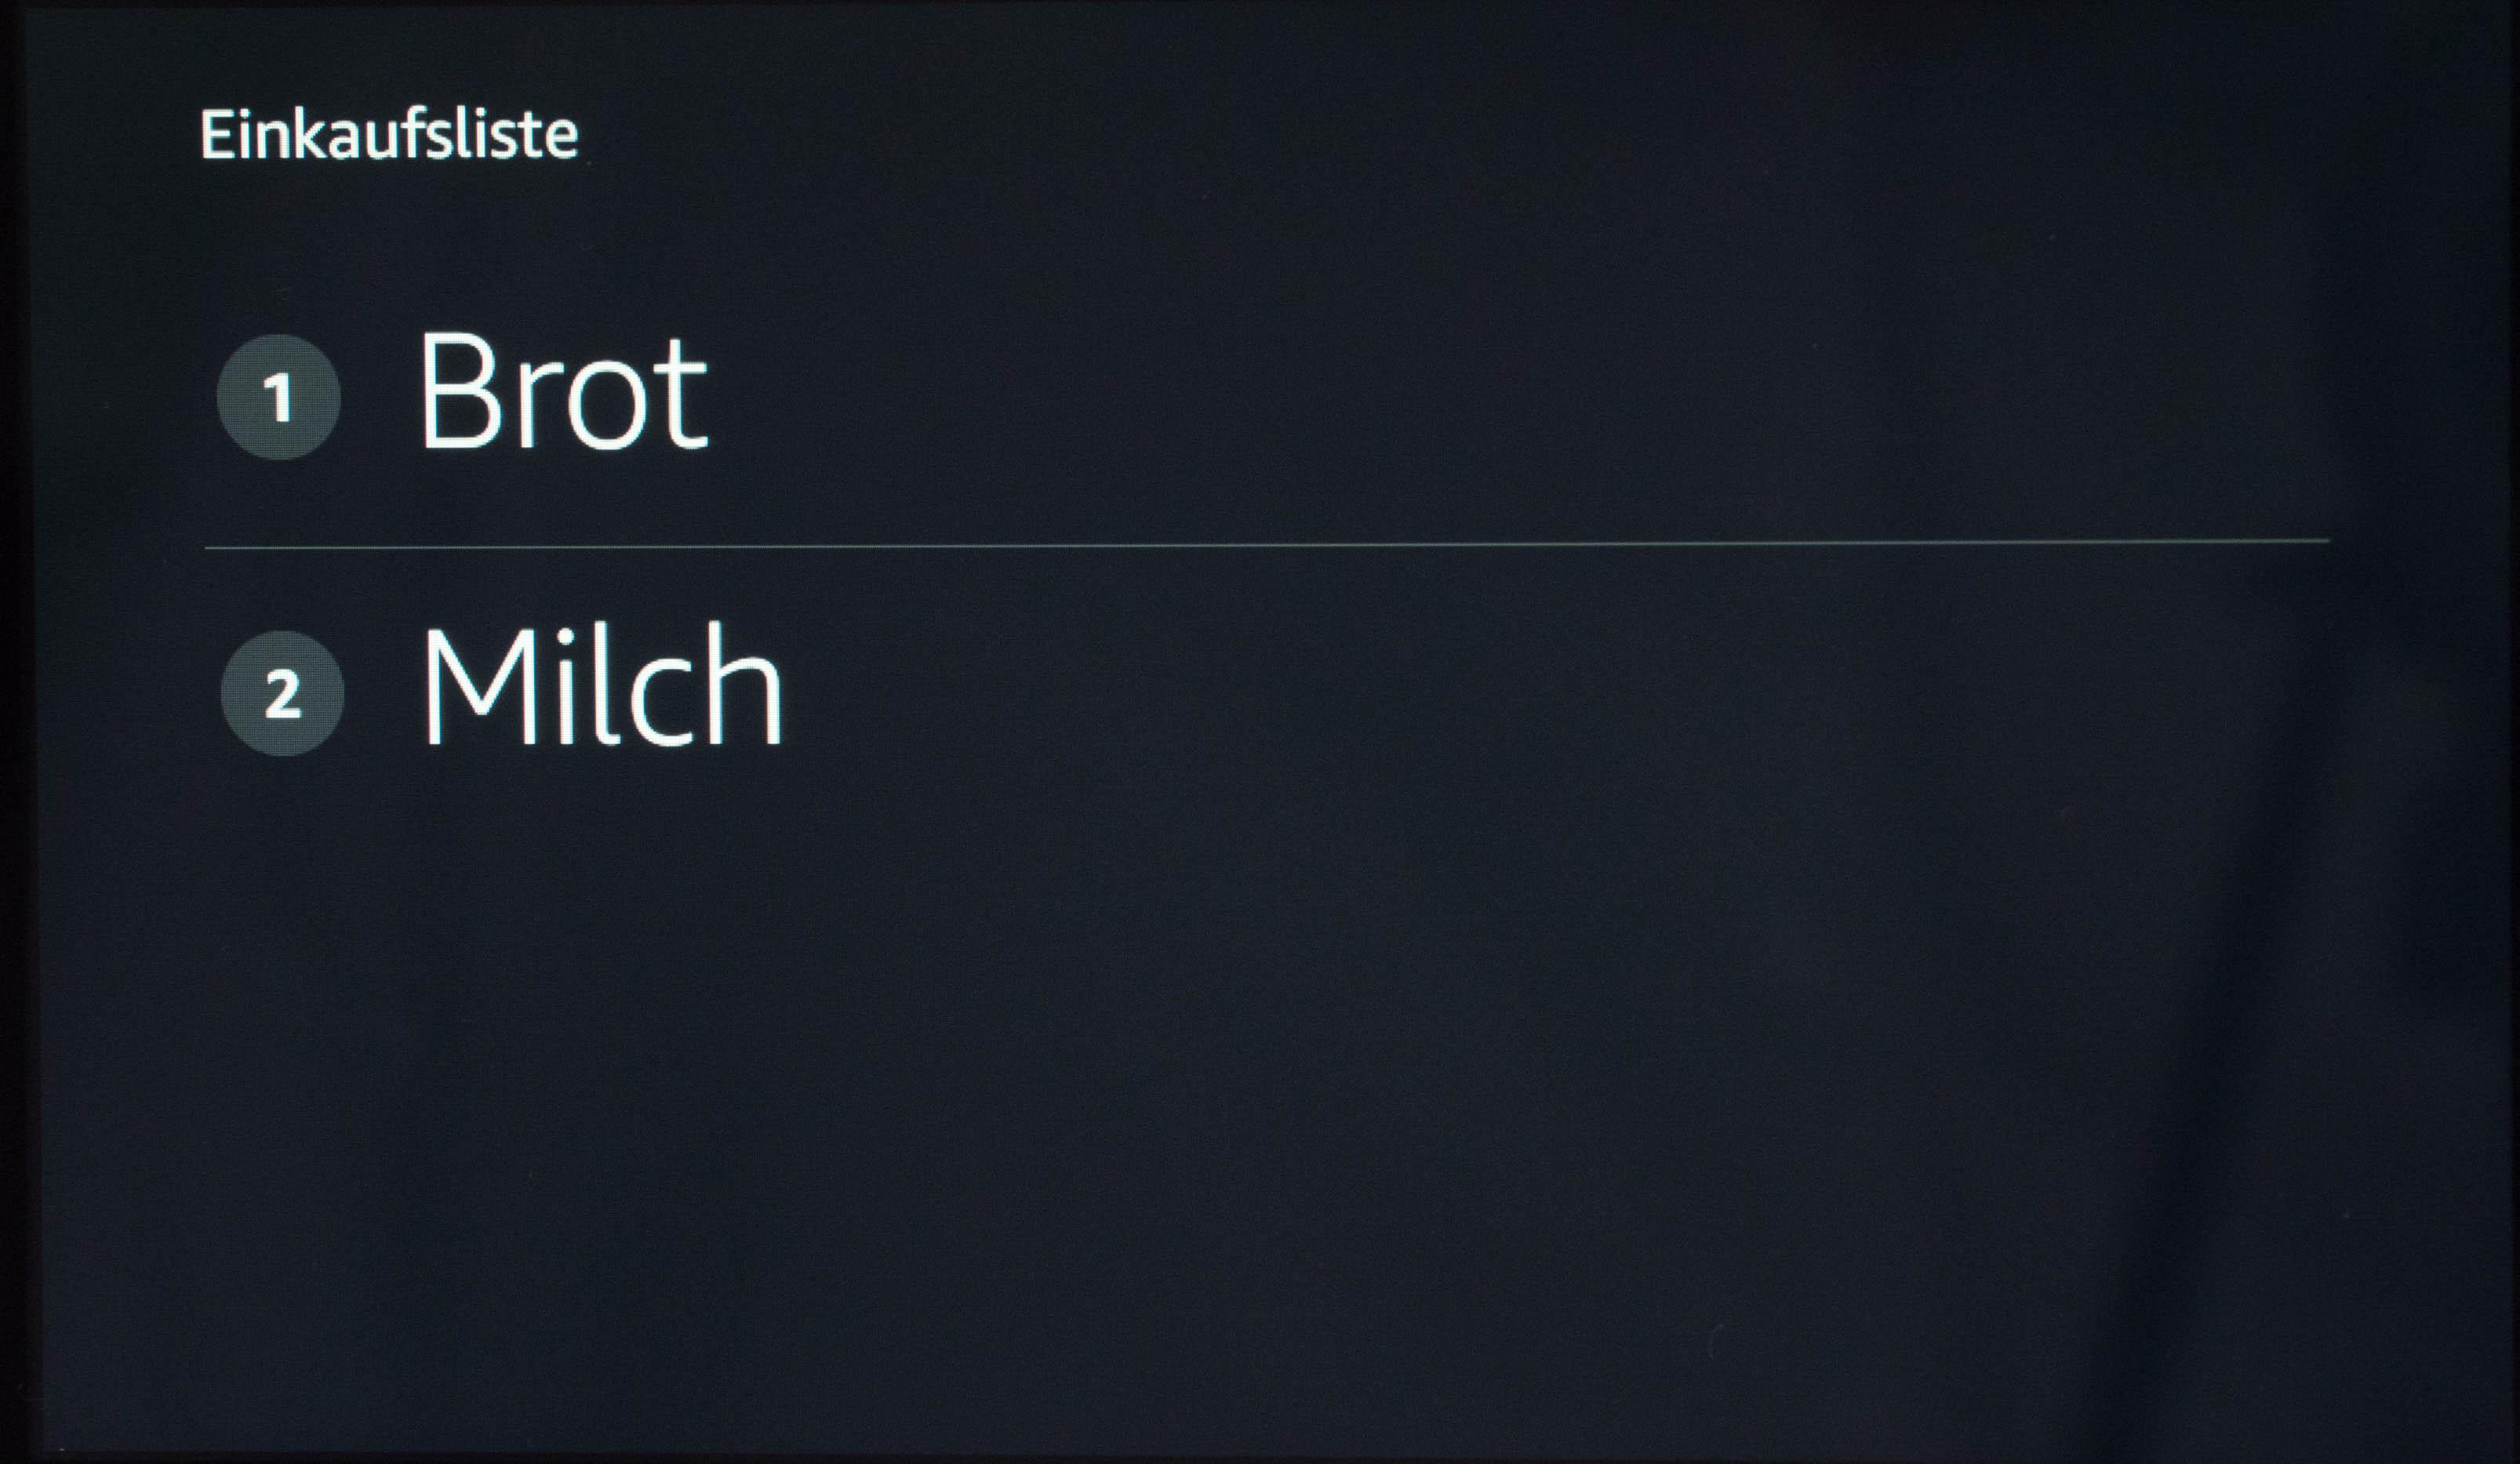 Echo Show vs. Fire HD 10 im Test: Alexa, zeig's mir! - Echo Show zeigt die Einkaufsliste auf Zuruf. (Bild: Martin Wolf/Golem.de)